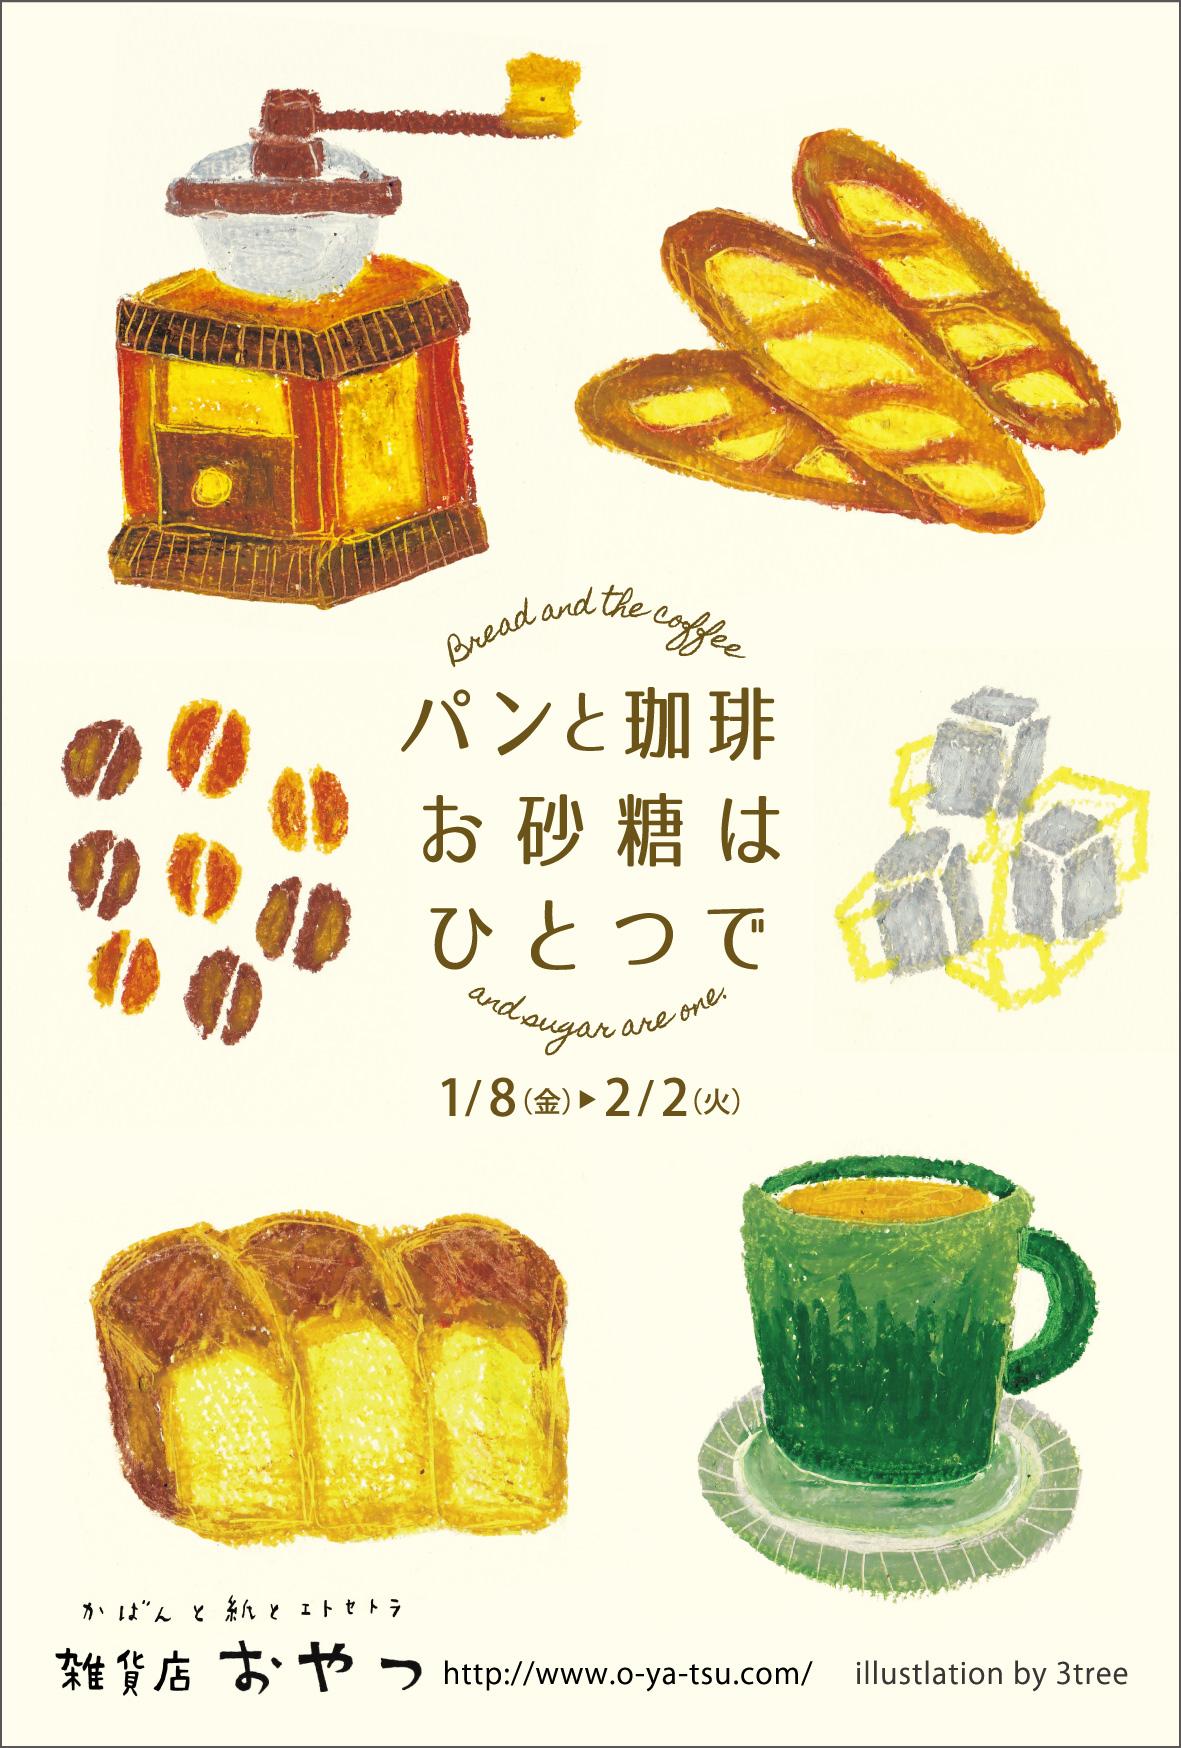 パンと珈琲お砂糖はひとつで